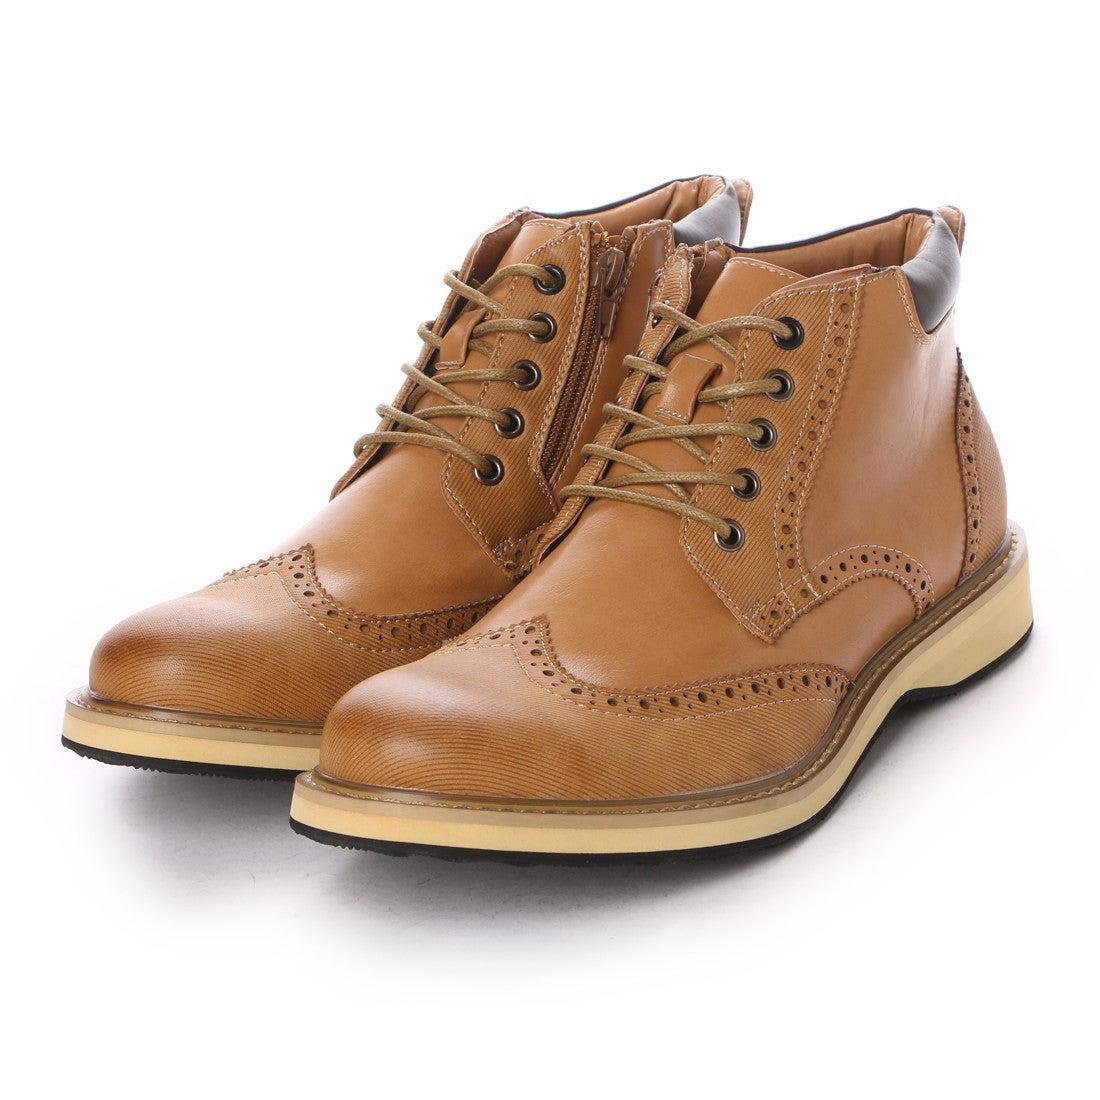 7697b3281548f パーソンズジーンズ PERSON S JEANS ブーツ カジュアルブーツ PJG3588 ブラウン 0079 (ベージュ) ミフト mift -靴&ファッション通販  ロコンド〜自宅で試着、気軽に ...